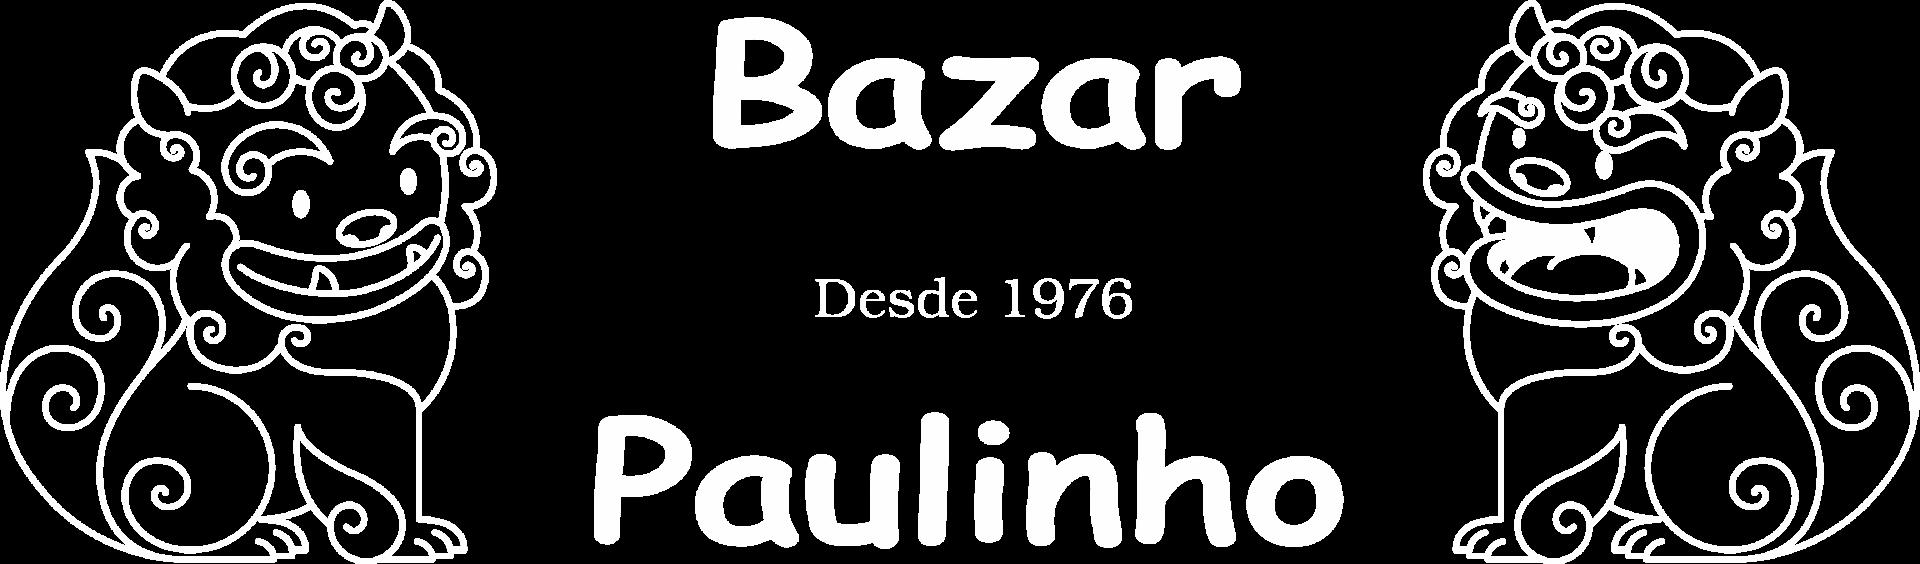 BAZAR PAULINHO